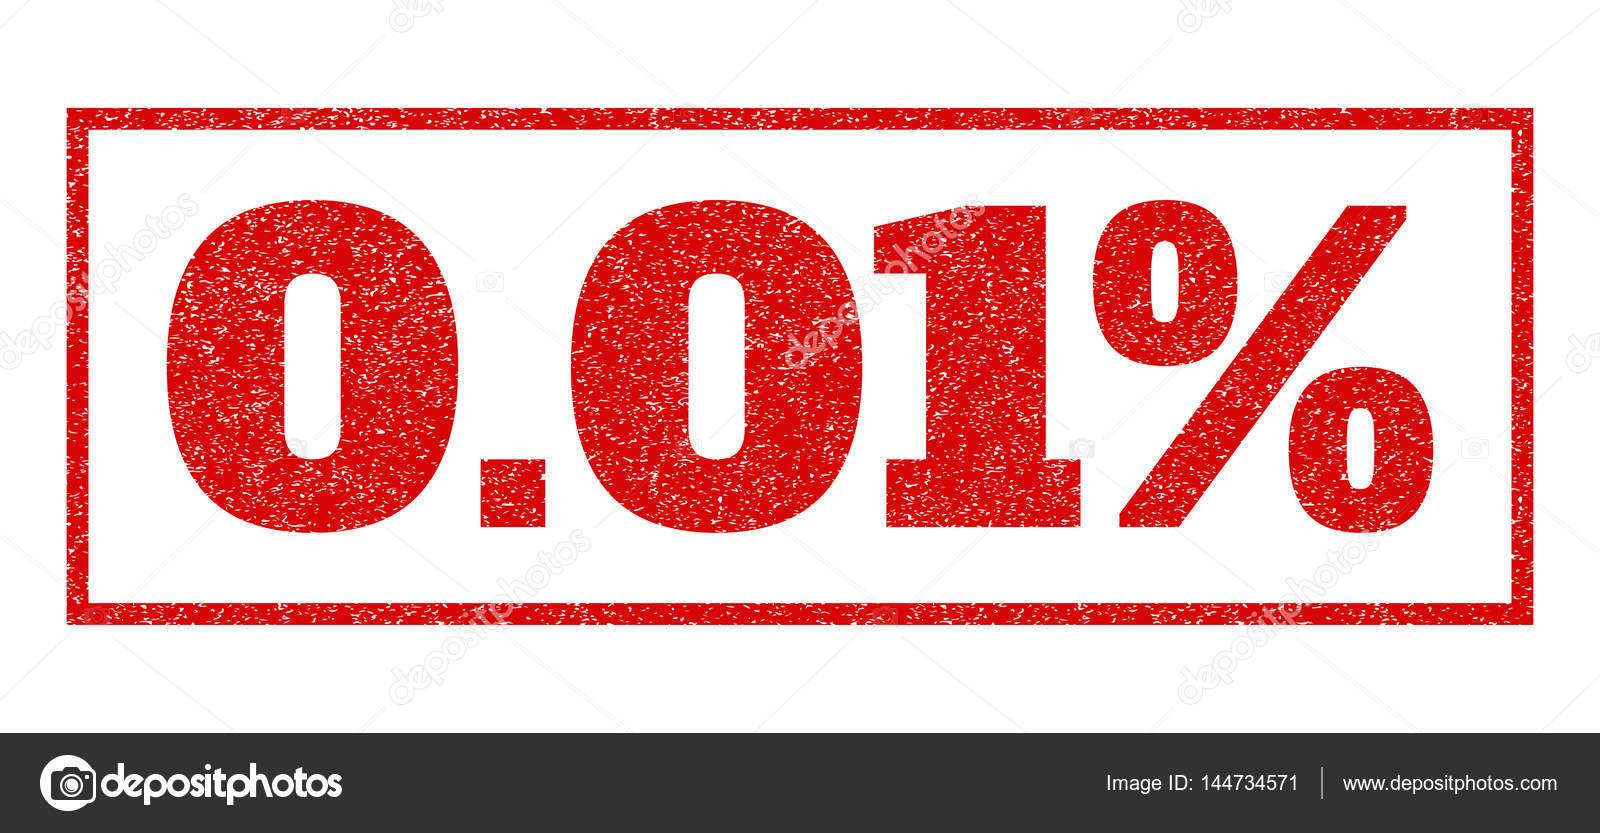 红色的橡皮印章加盖 0.01%文本.矢量标记内的矩形形状.